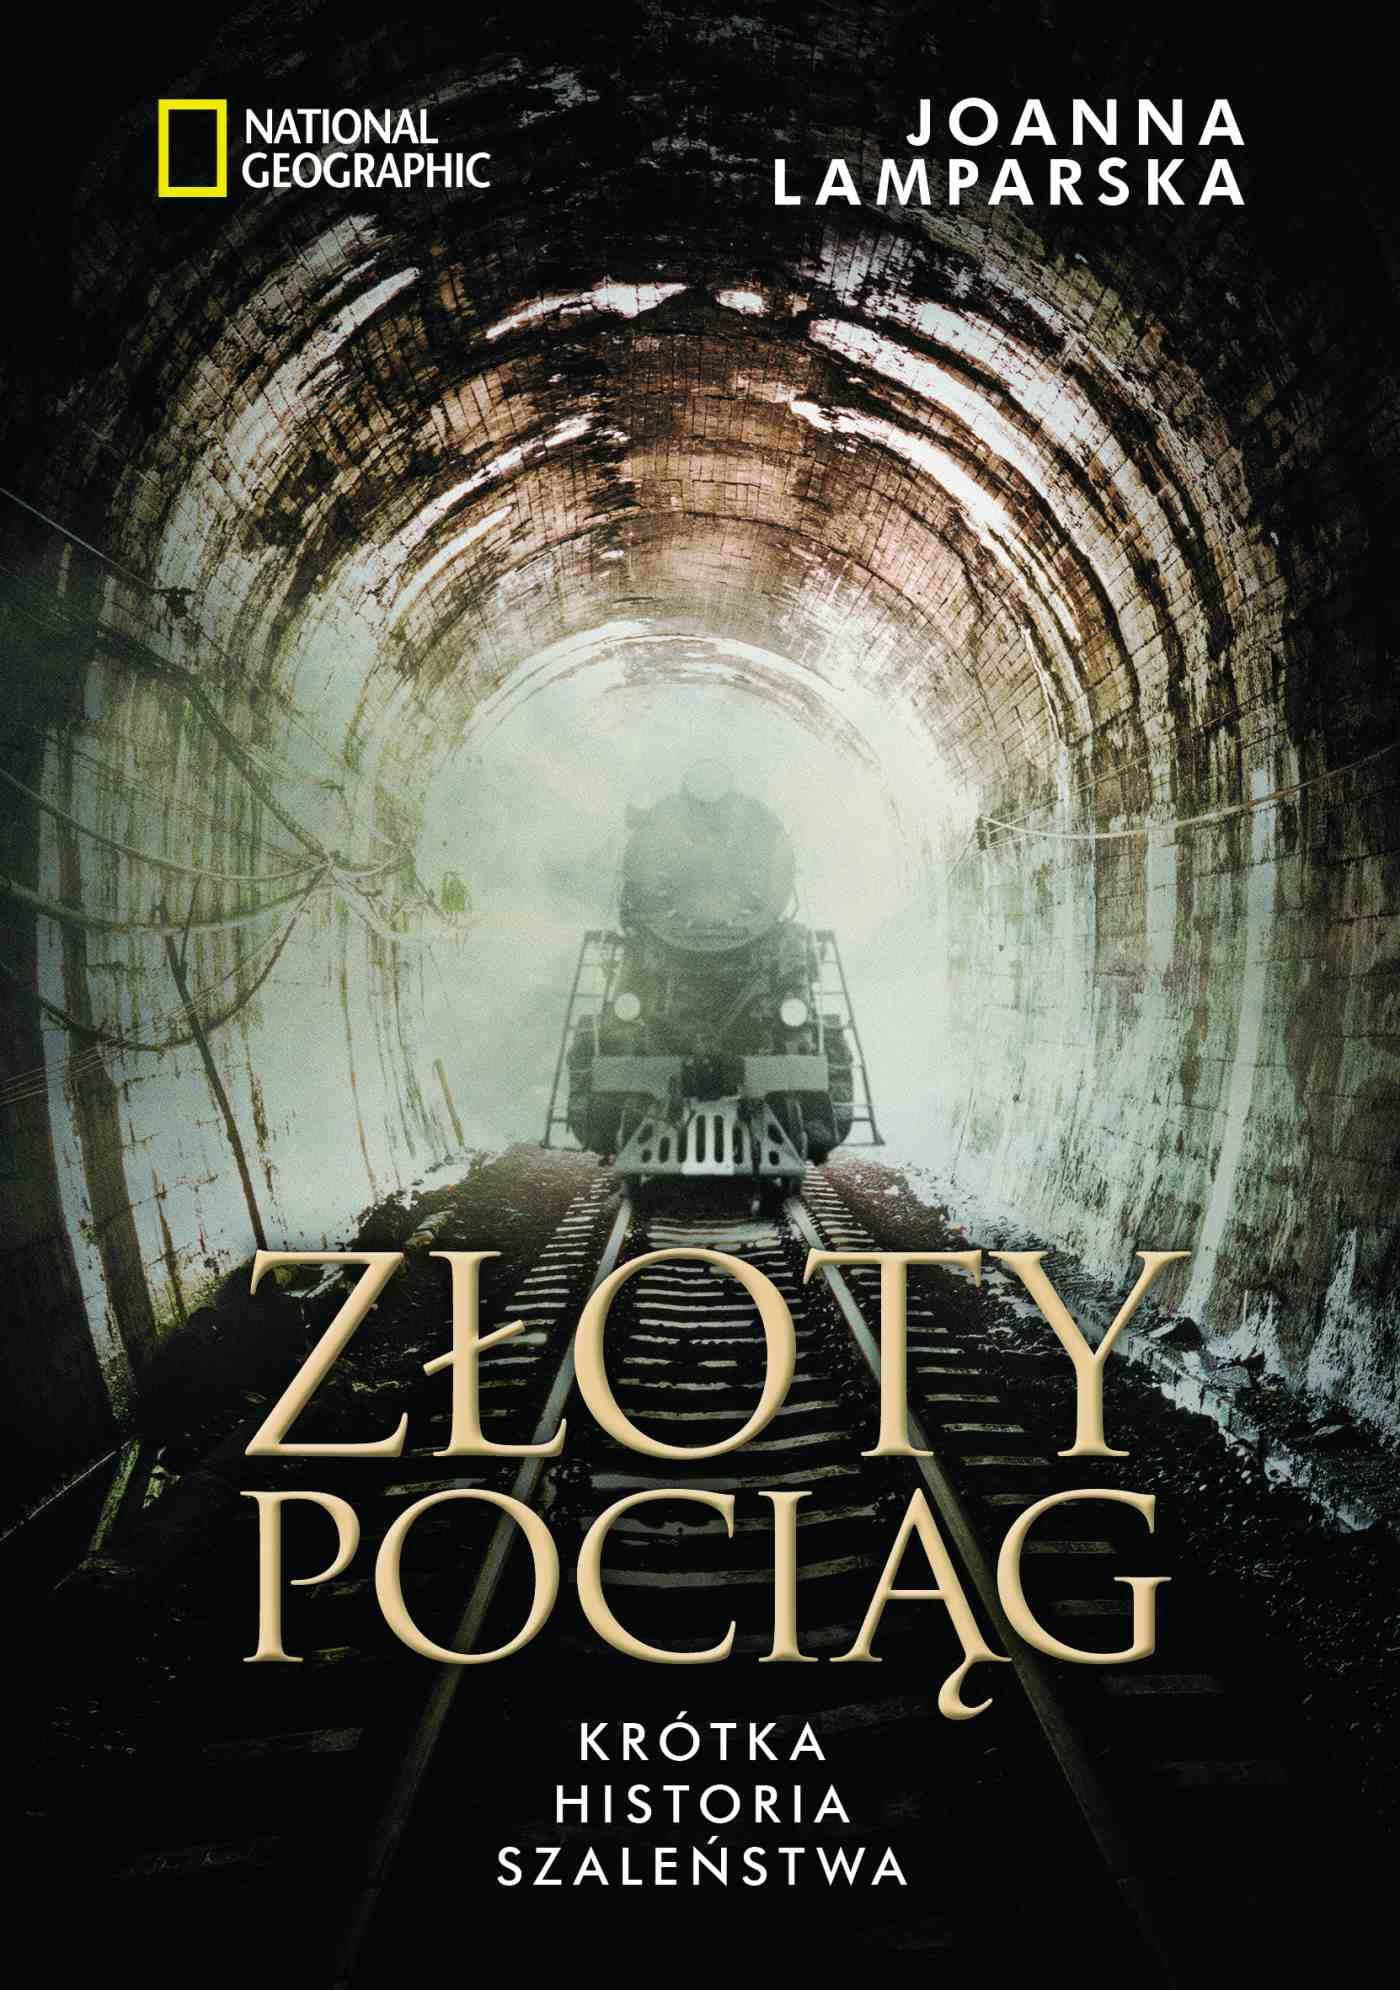 Złoty pociąg. Krótka historia szaleństwa - Ebook (Książka EPUB) do pobrania w formacie EPUB